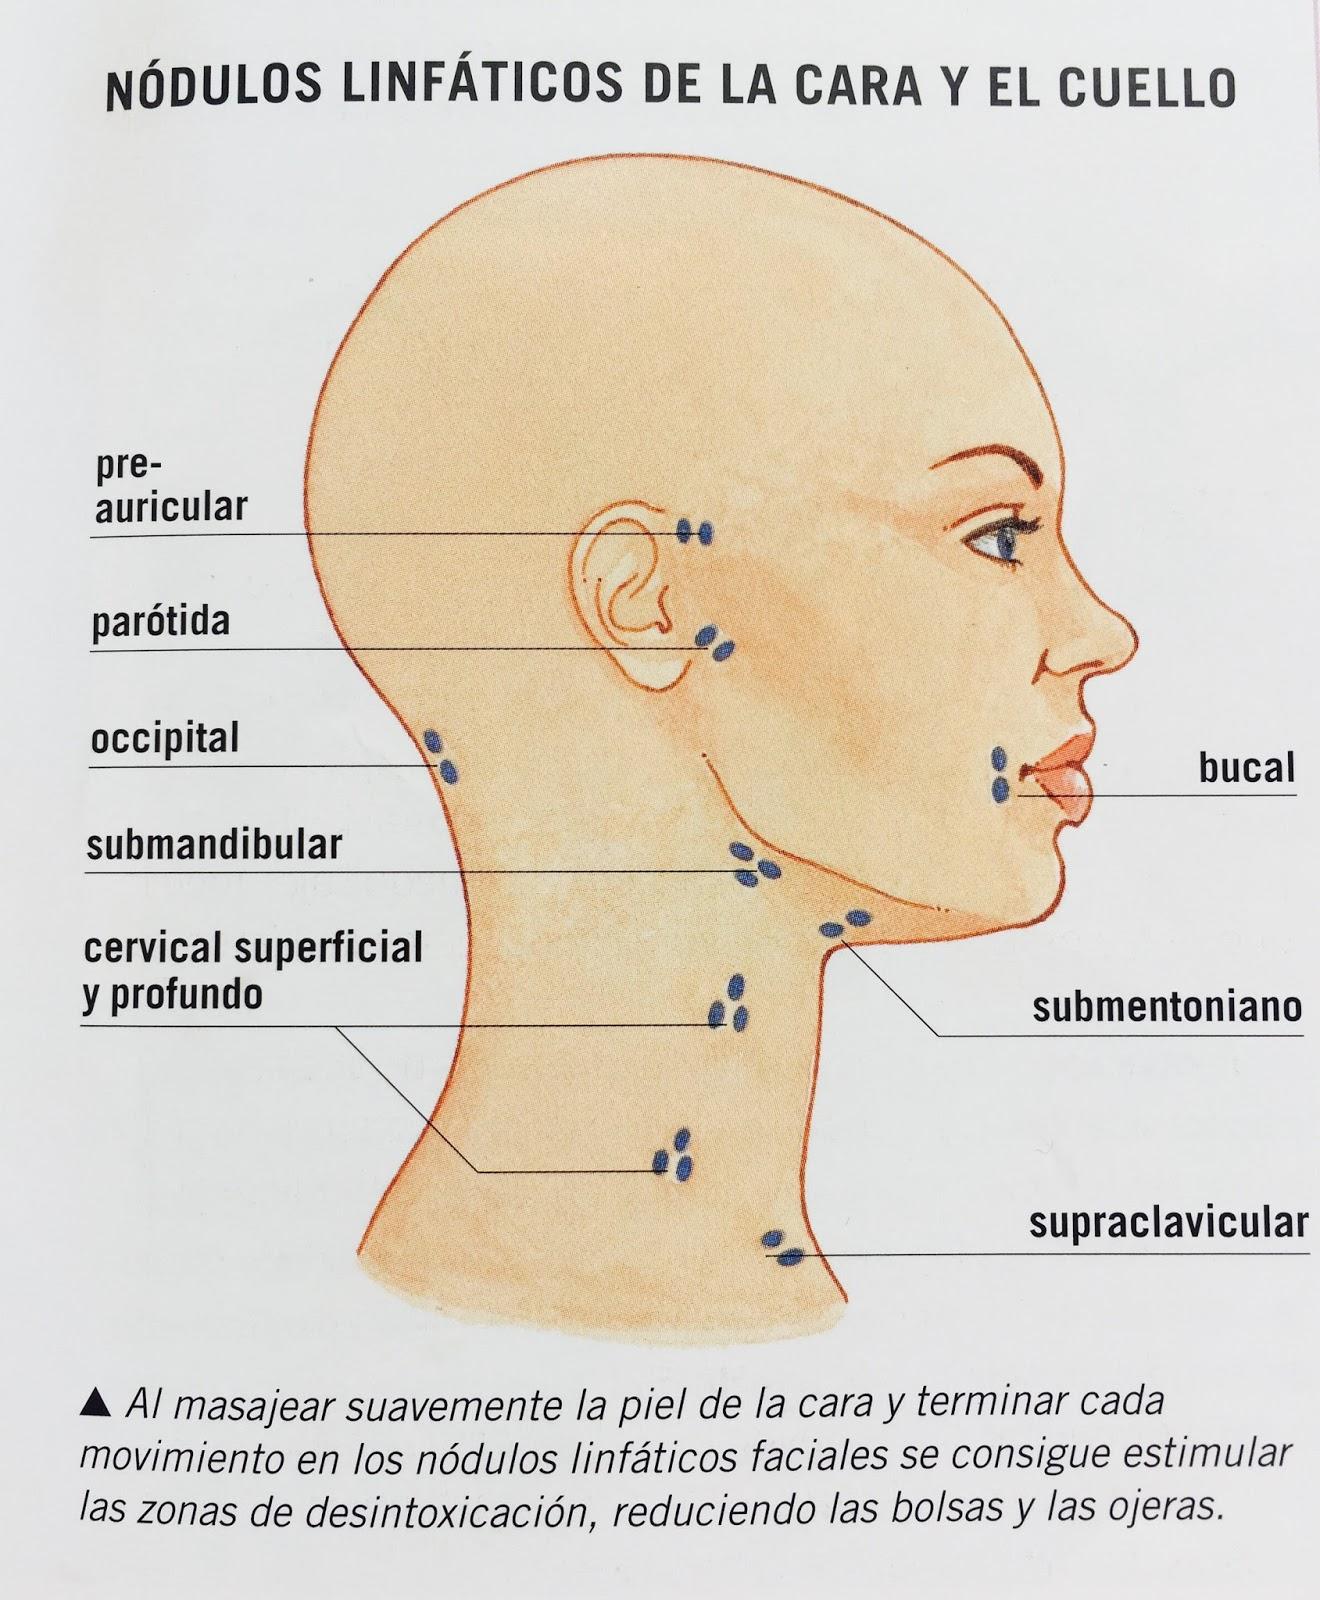 Glandulas linfaticas del cuello